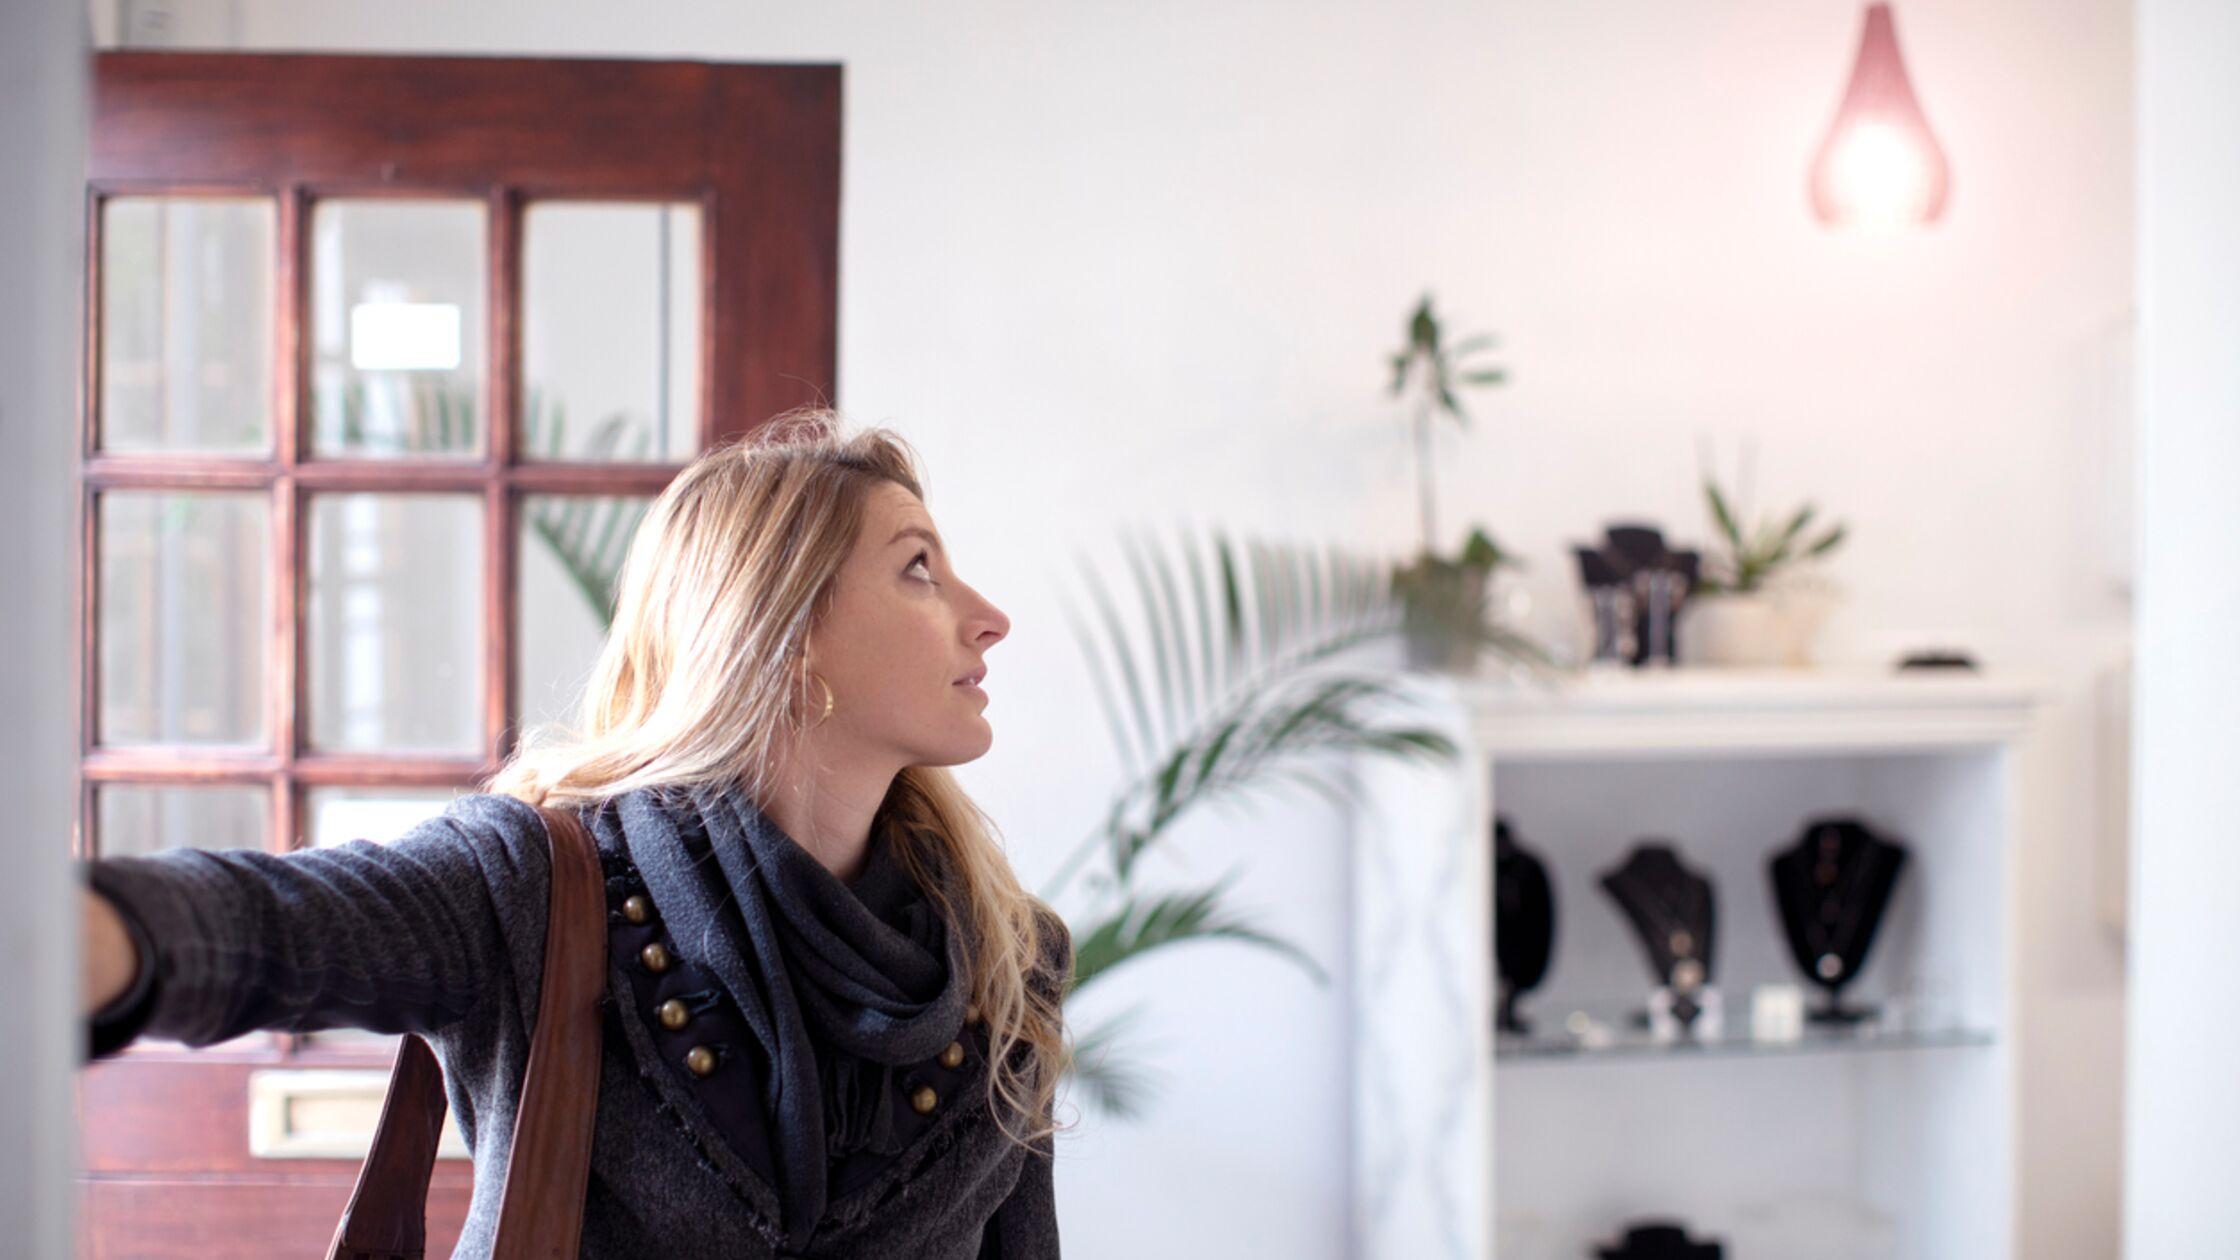 Frau schaltet Licht in neuer Wohnung ein